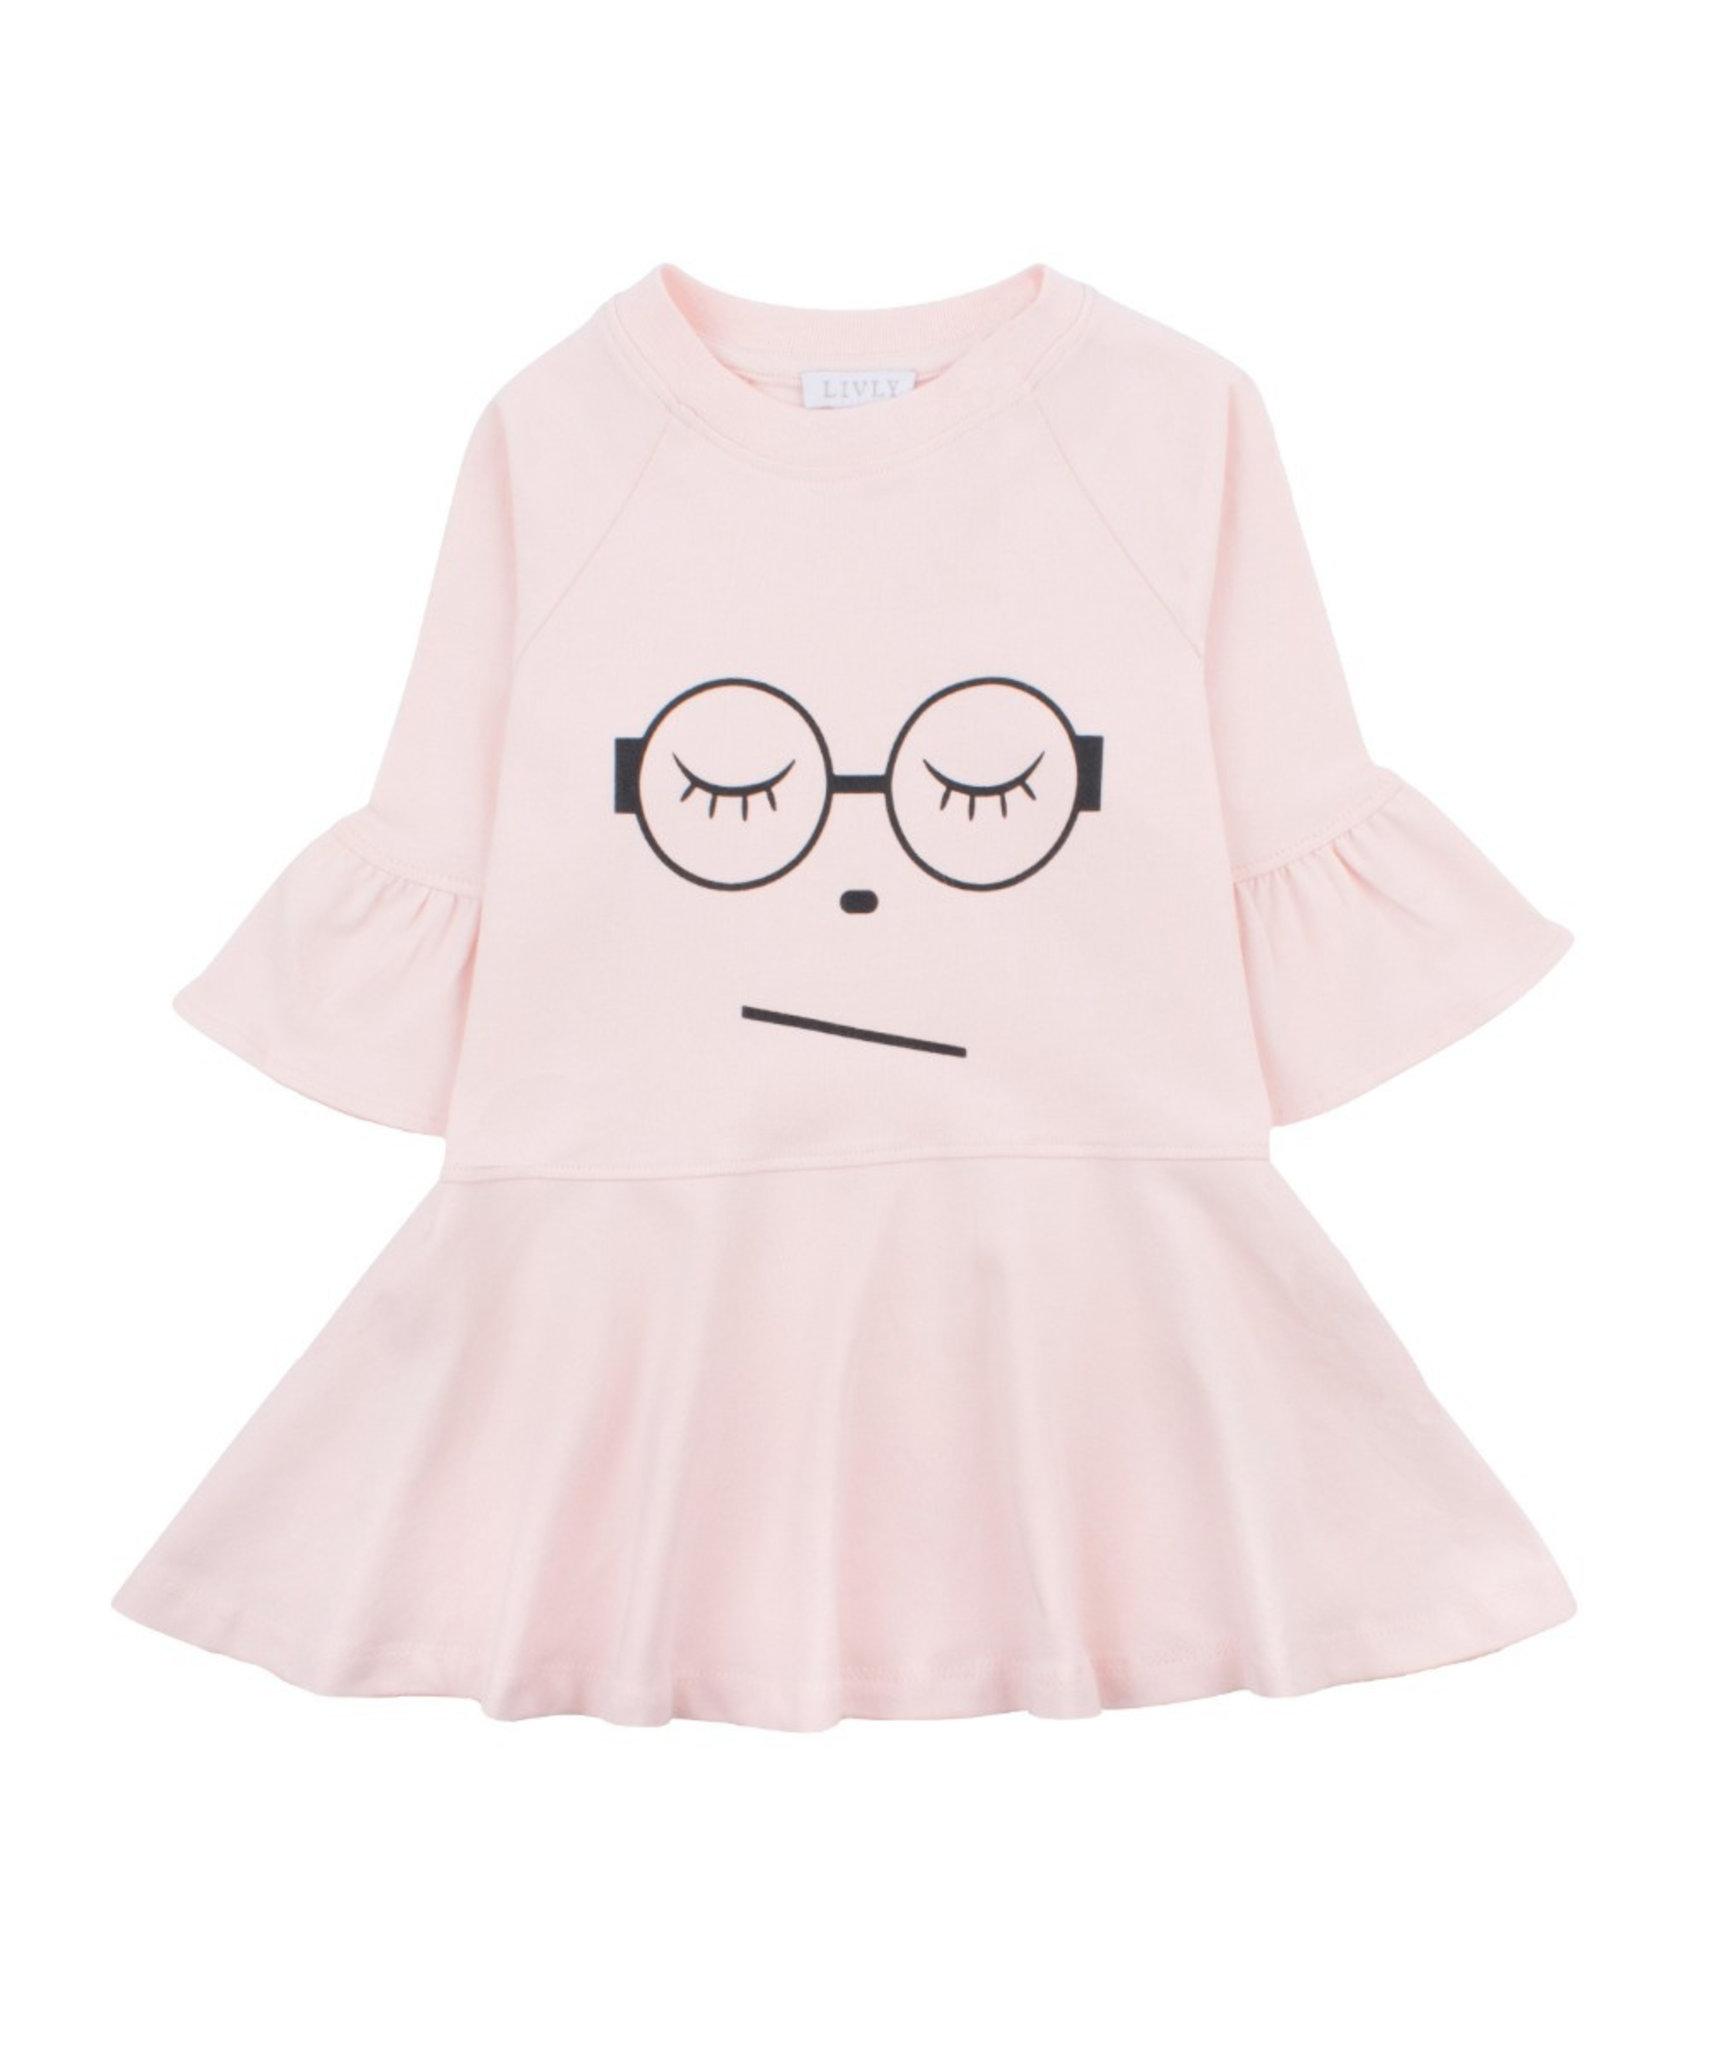 Klänning Ella - Klänningar   kjolar - Köp online på åhlens.se! bab40590e0e57